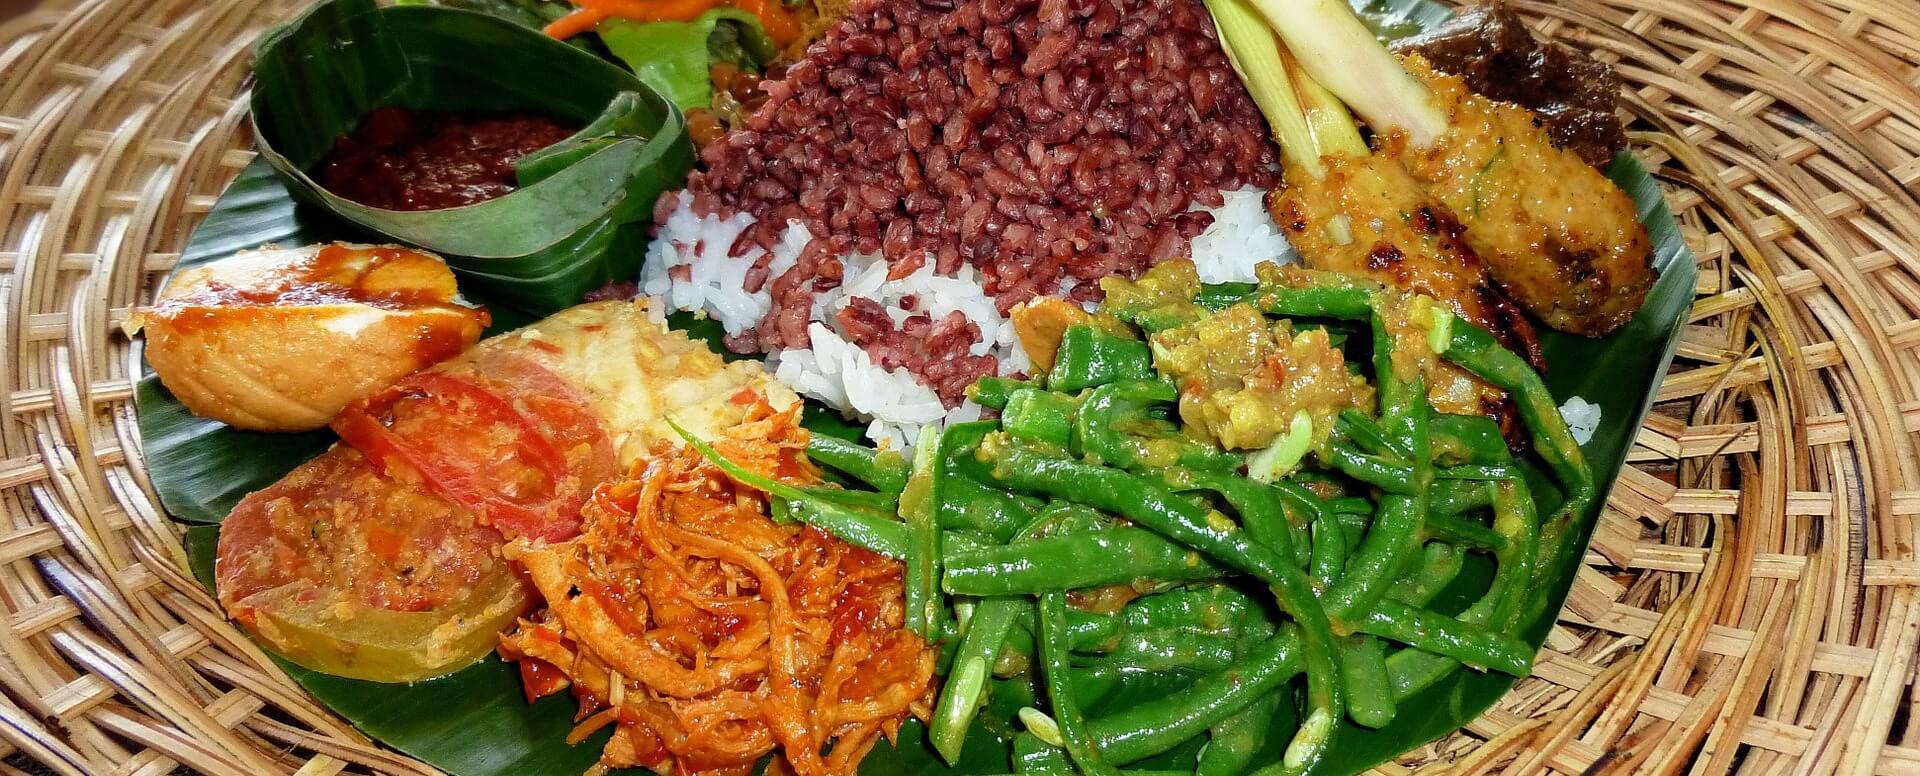 Découvrir la gastronomie de Bali - Bali